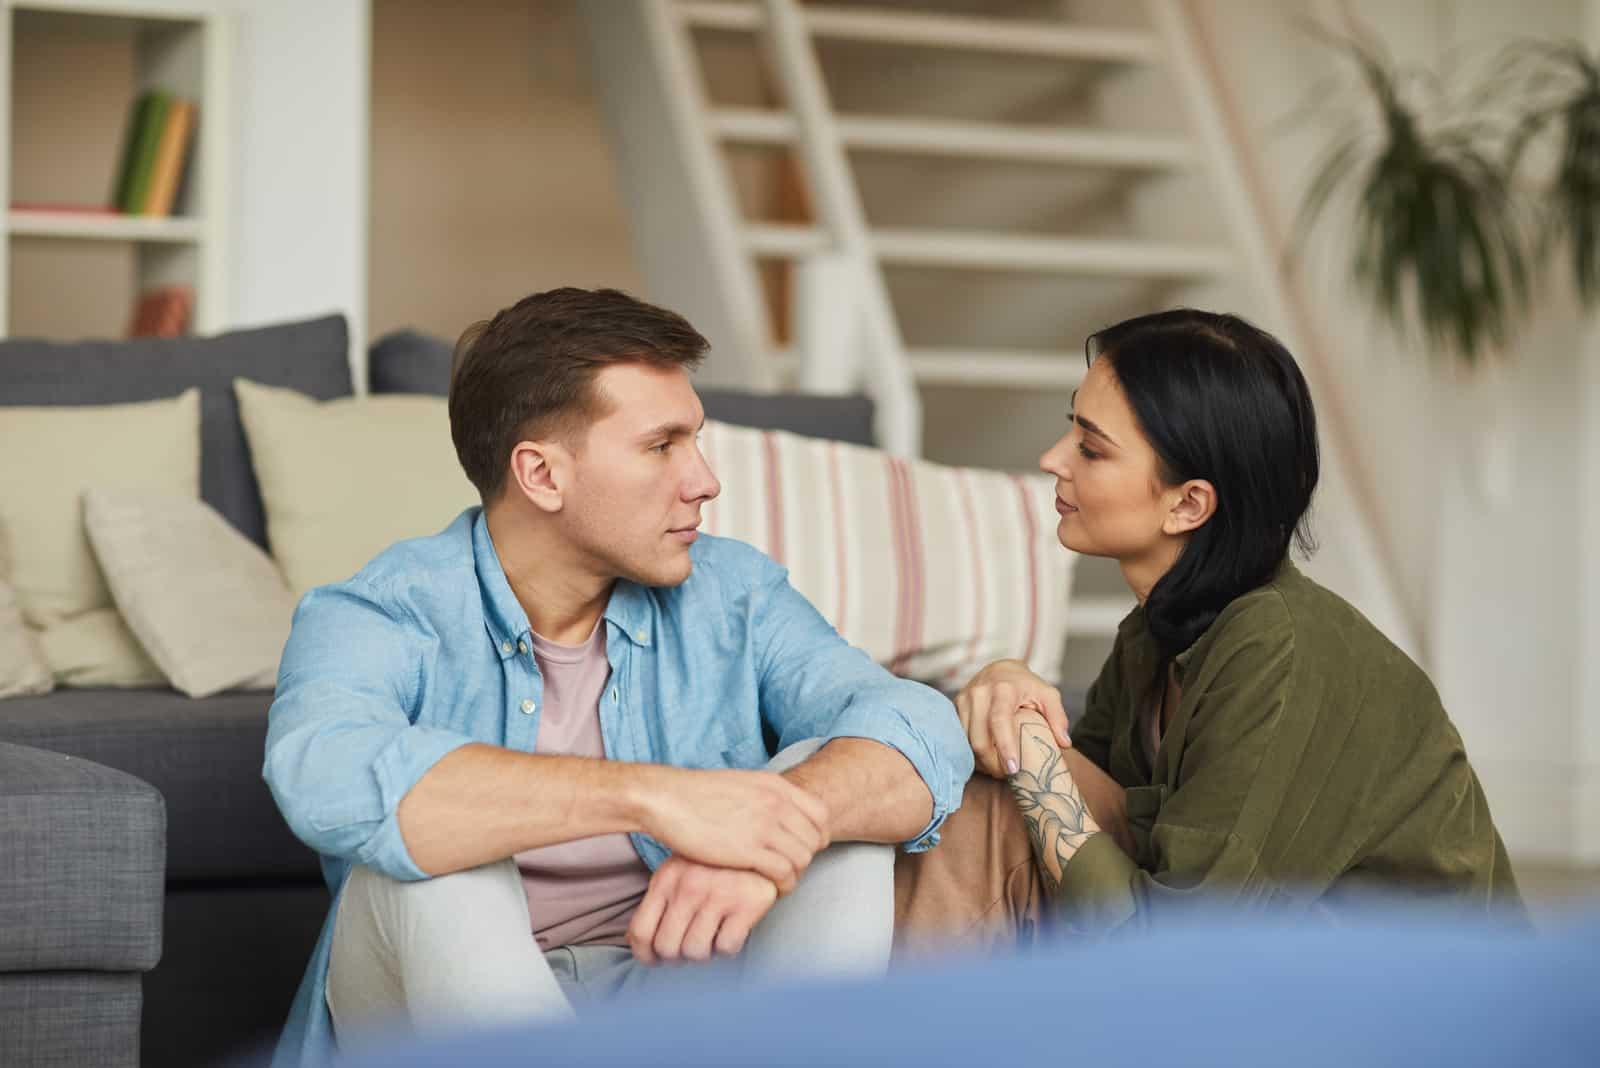 Un homme et une femme se regardent dans les yeuxassis sur le sol